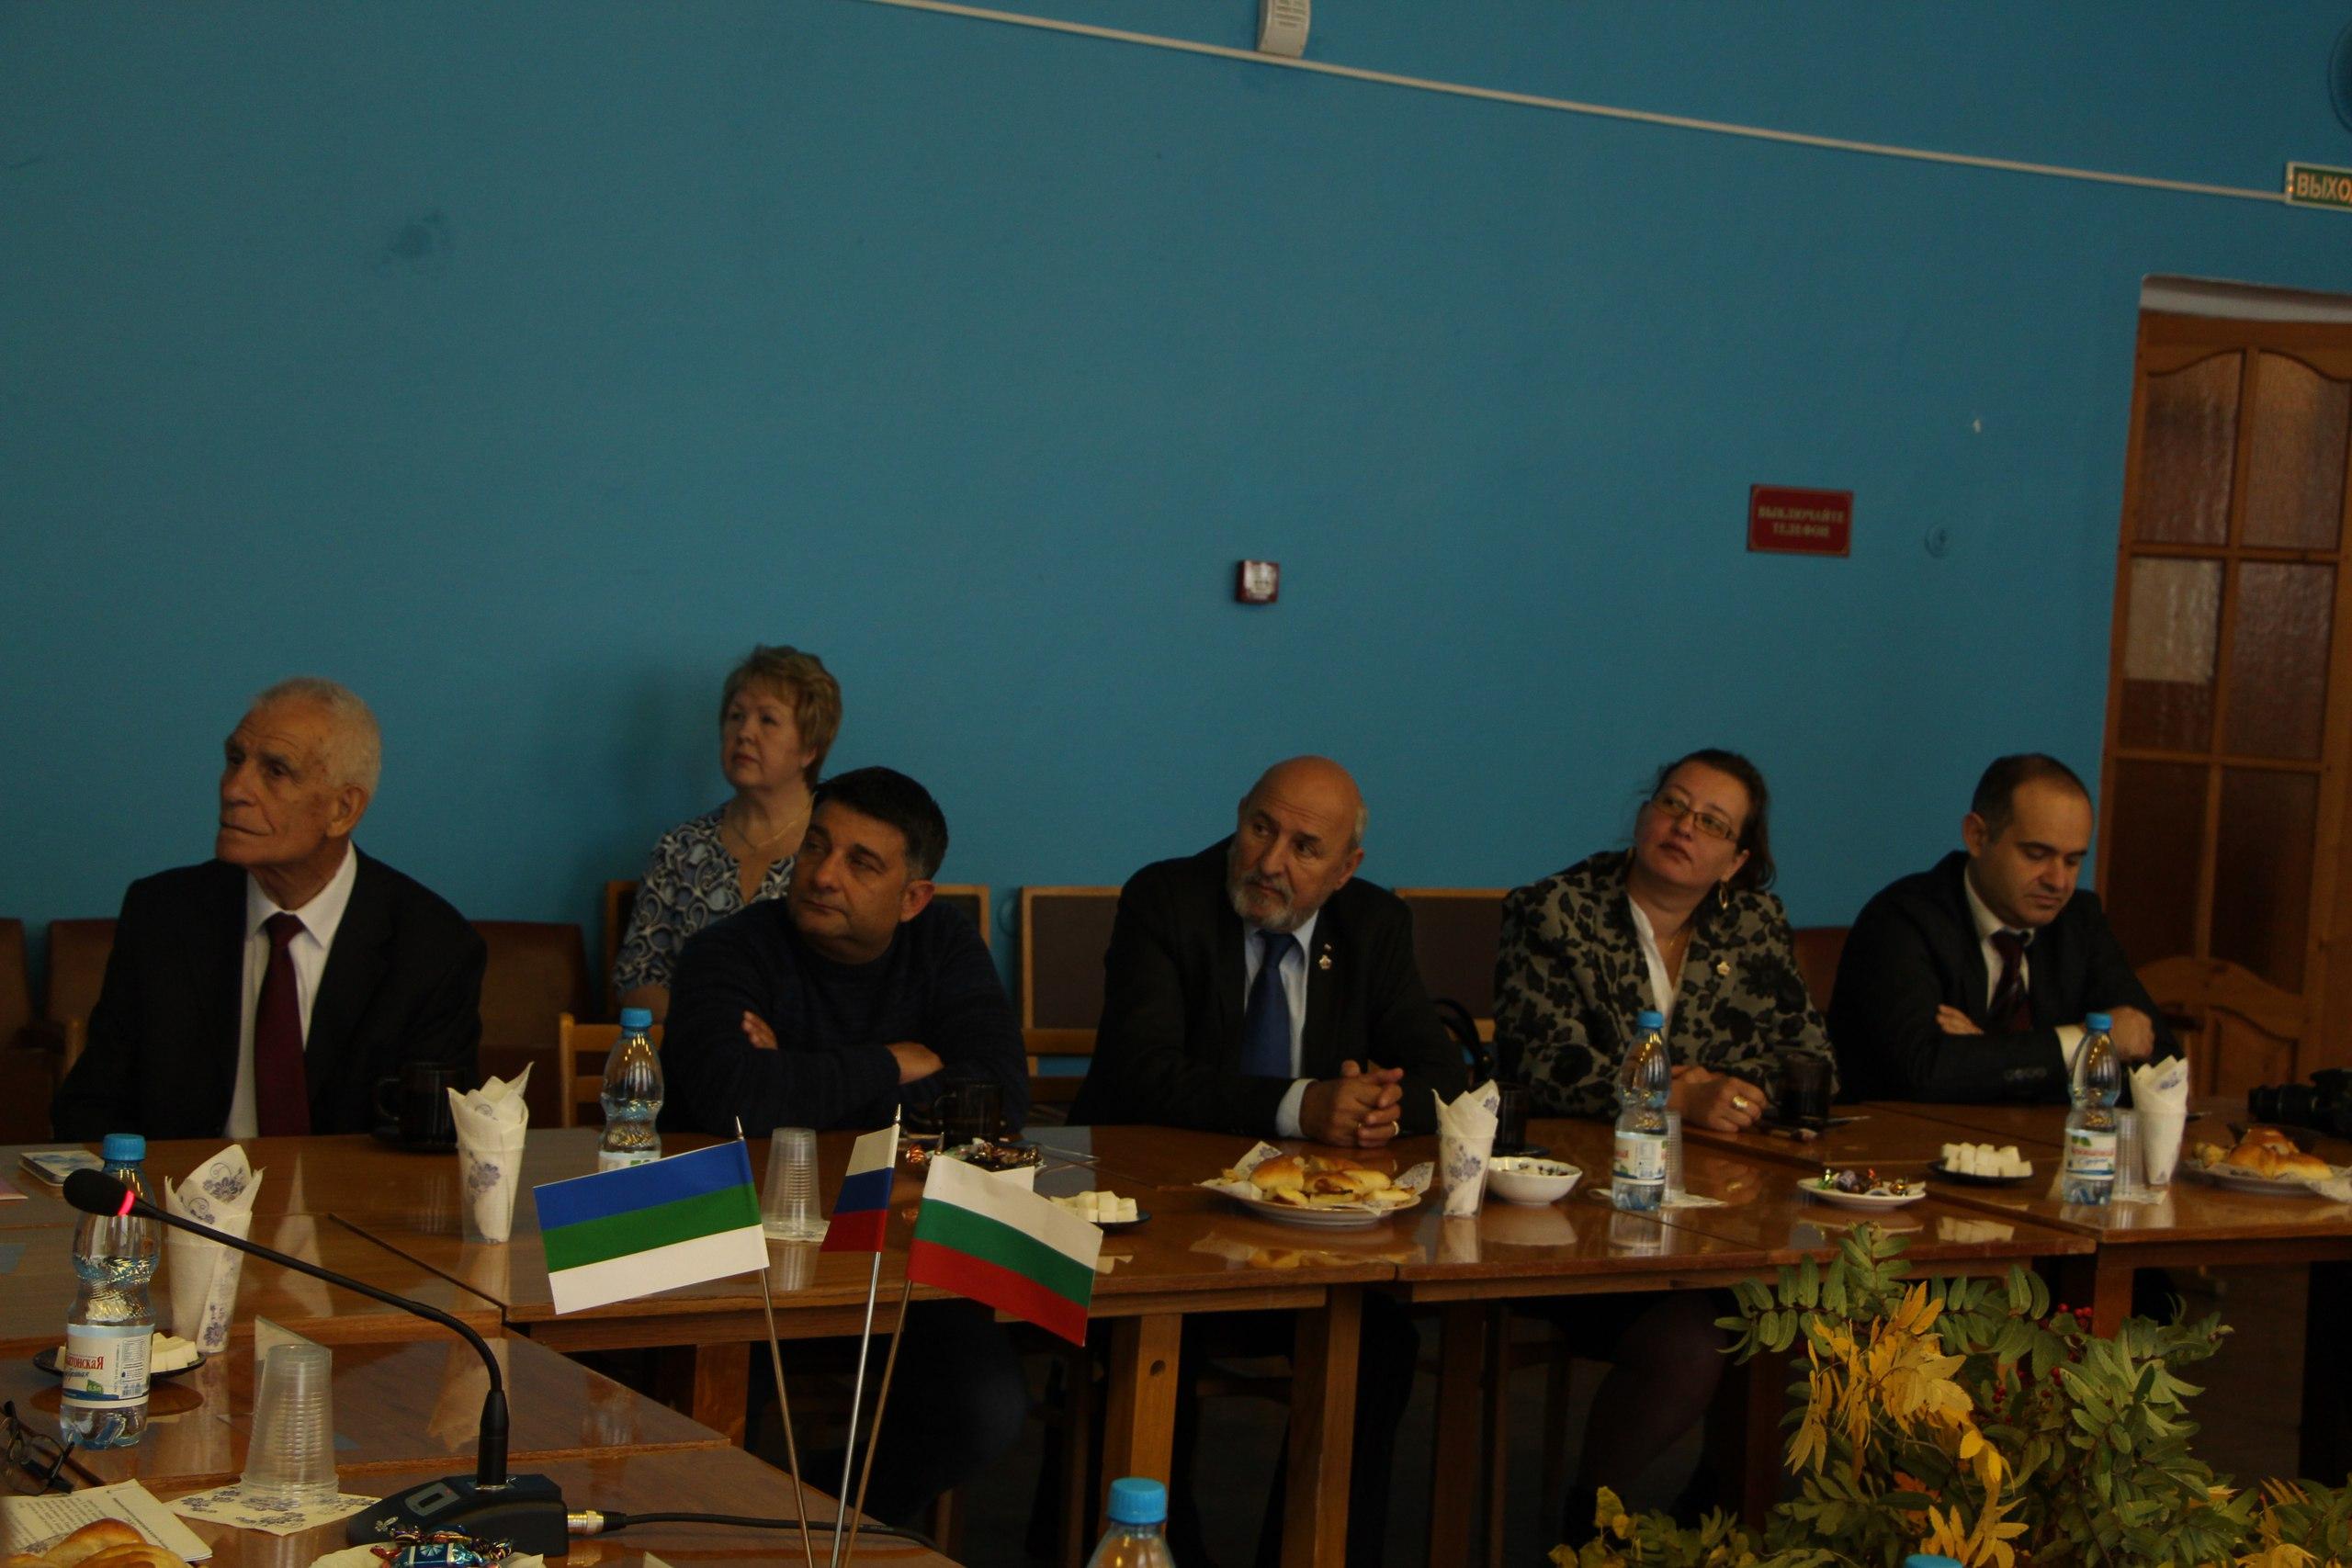 Делегаты из Республики Болгария проявили интерес к туристической инфраструктуре в Удорком районе